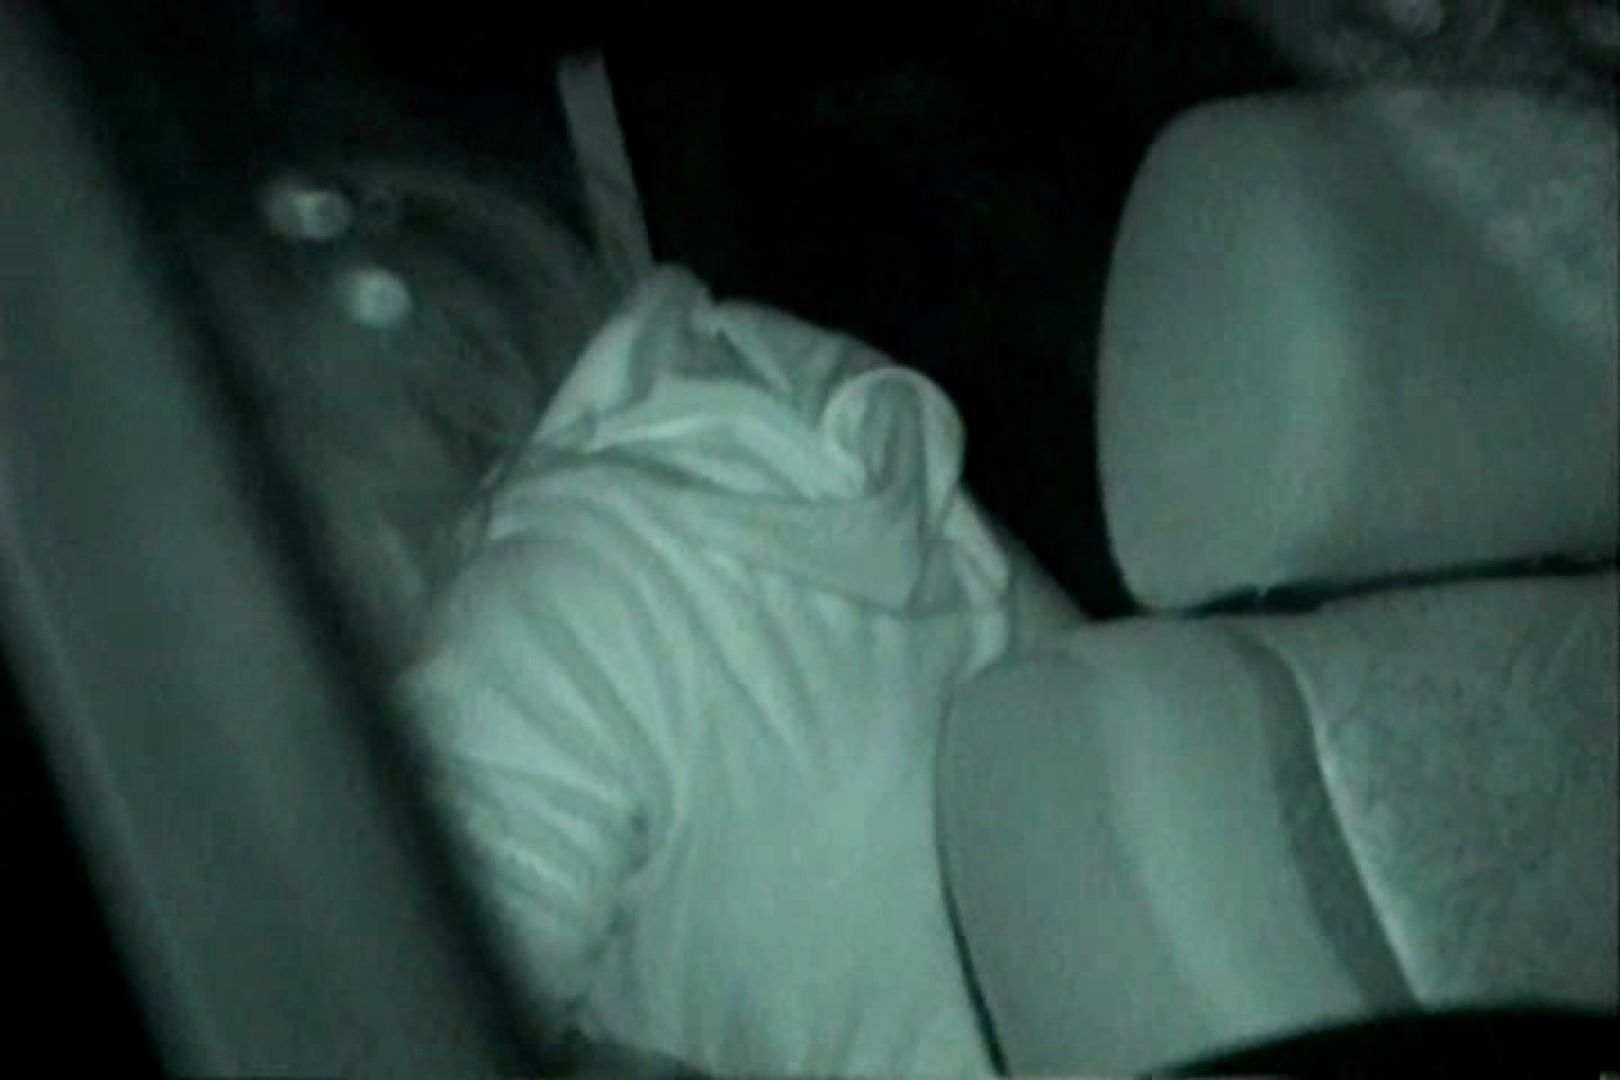 充血監督の深夜の運動会Vol.126 車中はめどり 盗撮動画紹介 107画像 86